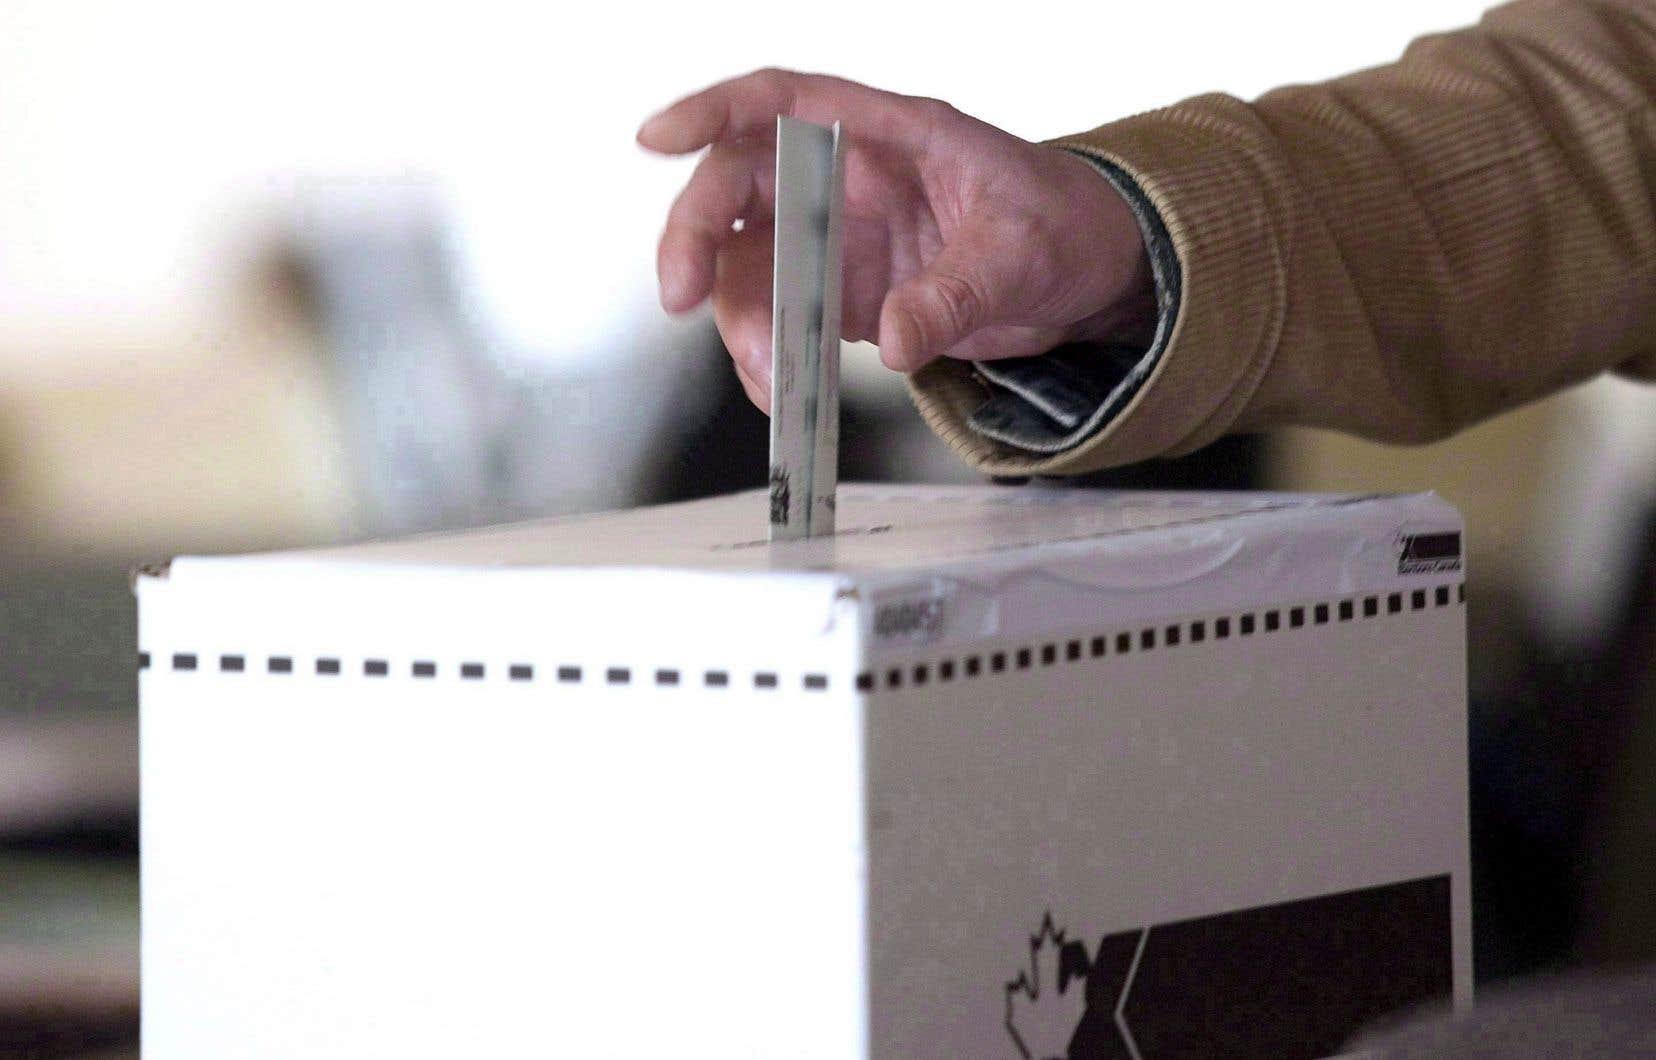 Le CST rappelle que le fait que les élections fédérales canadiennes se fassent surtout sur papier les met à l'abri de tentatives de modification du résultat du compte des votes.